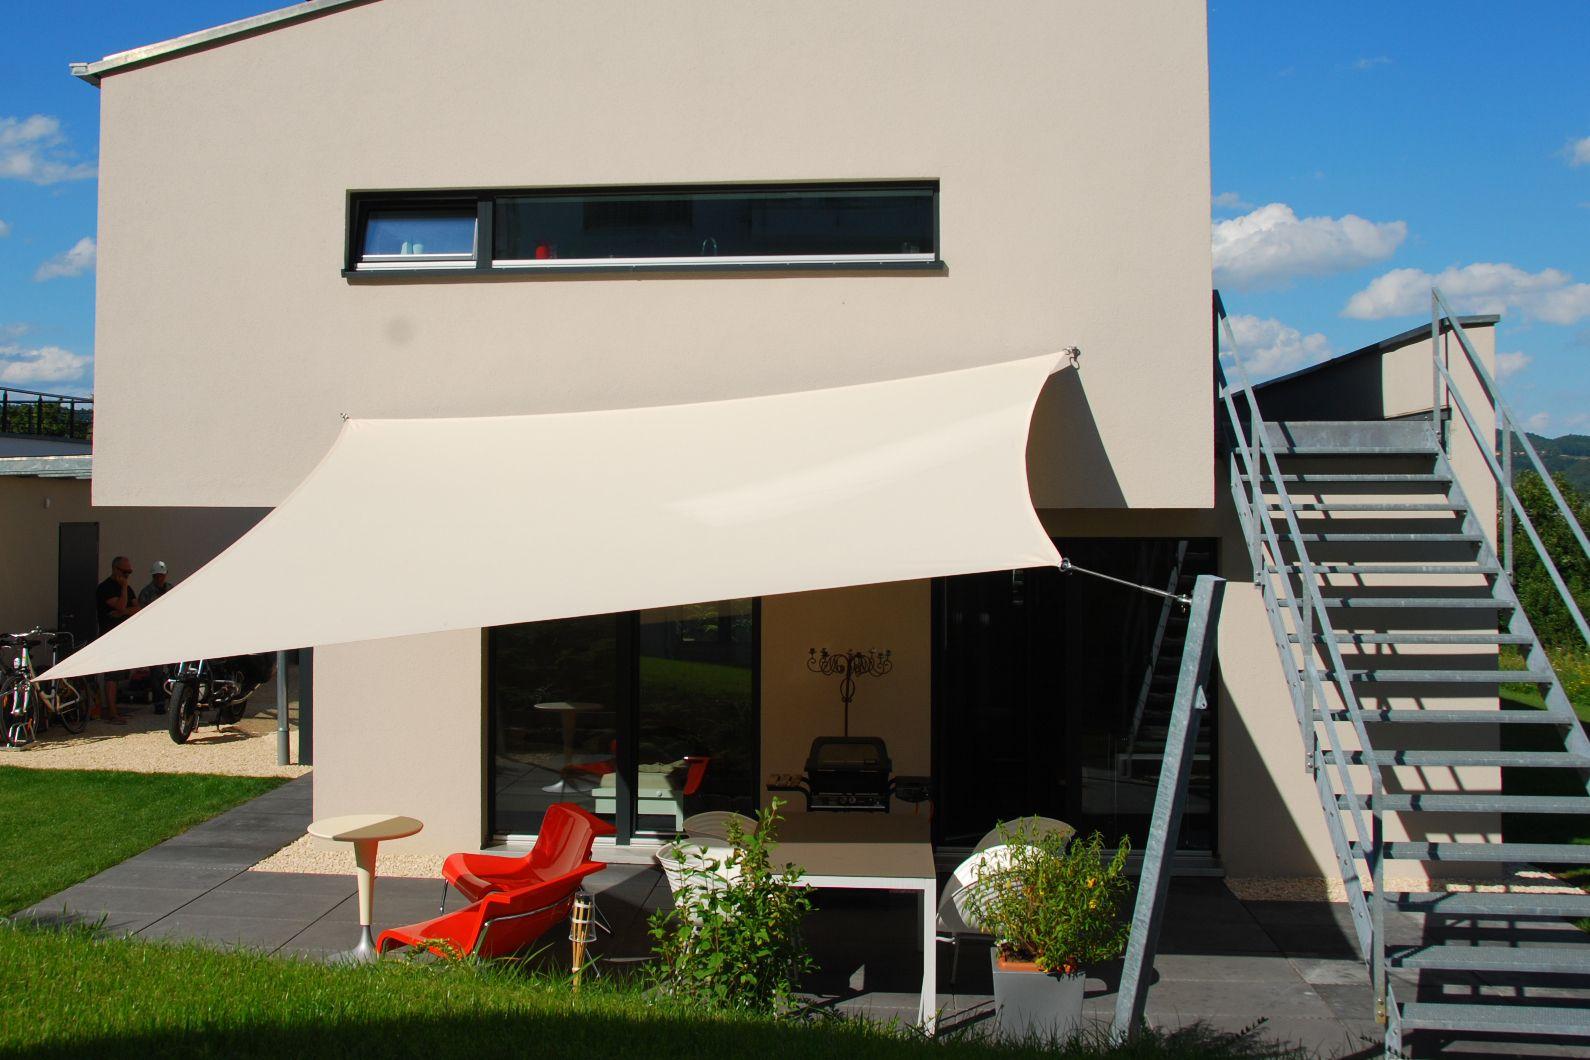 Fein Vorteile Sonnensegel Terrasse Fotos - Innenarchitektur ...